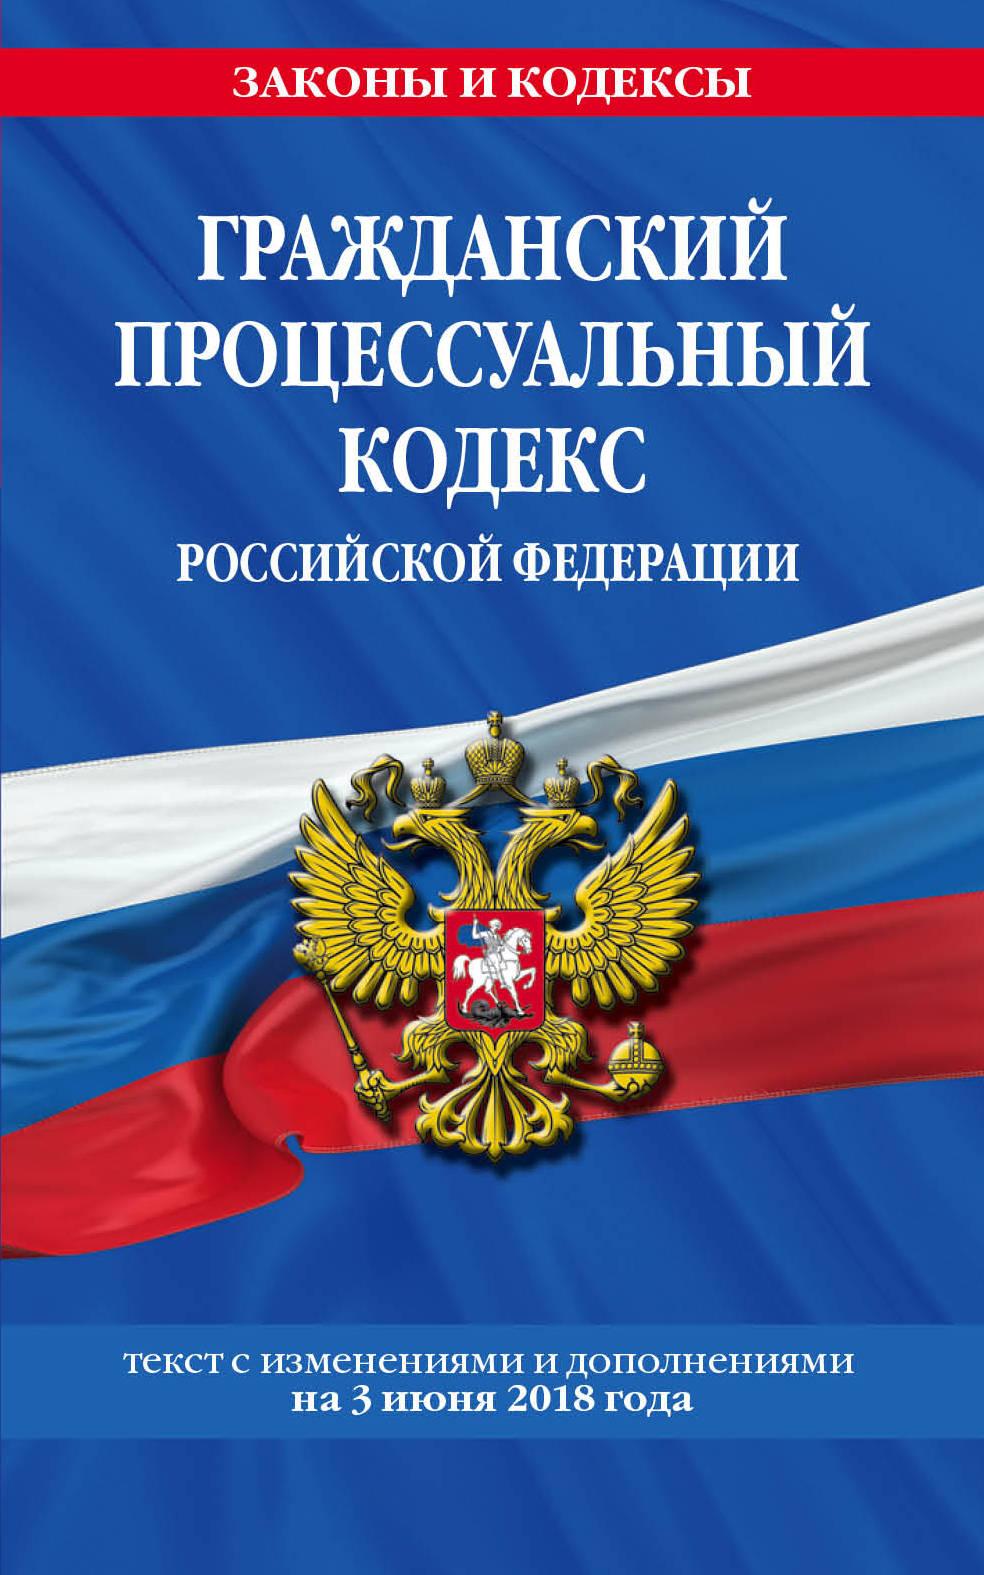 Гражданский процессуальный кодекс Российской Федерации. Текст с изменениями и дополнениями на 3 июня 2018 г.